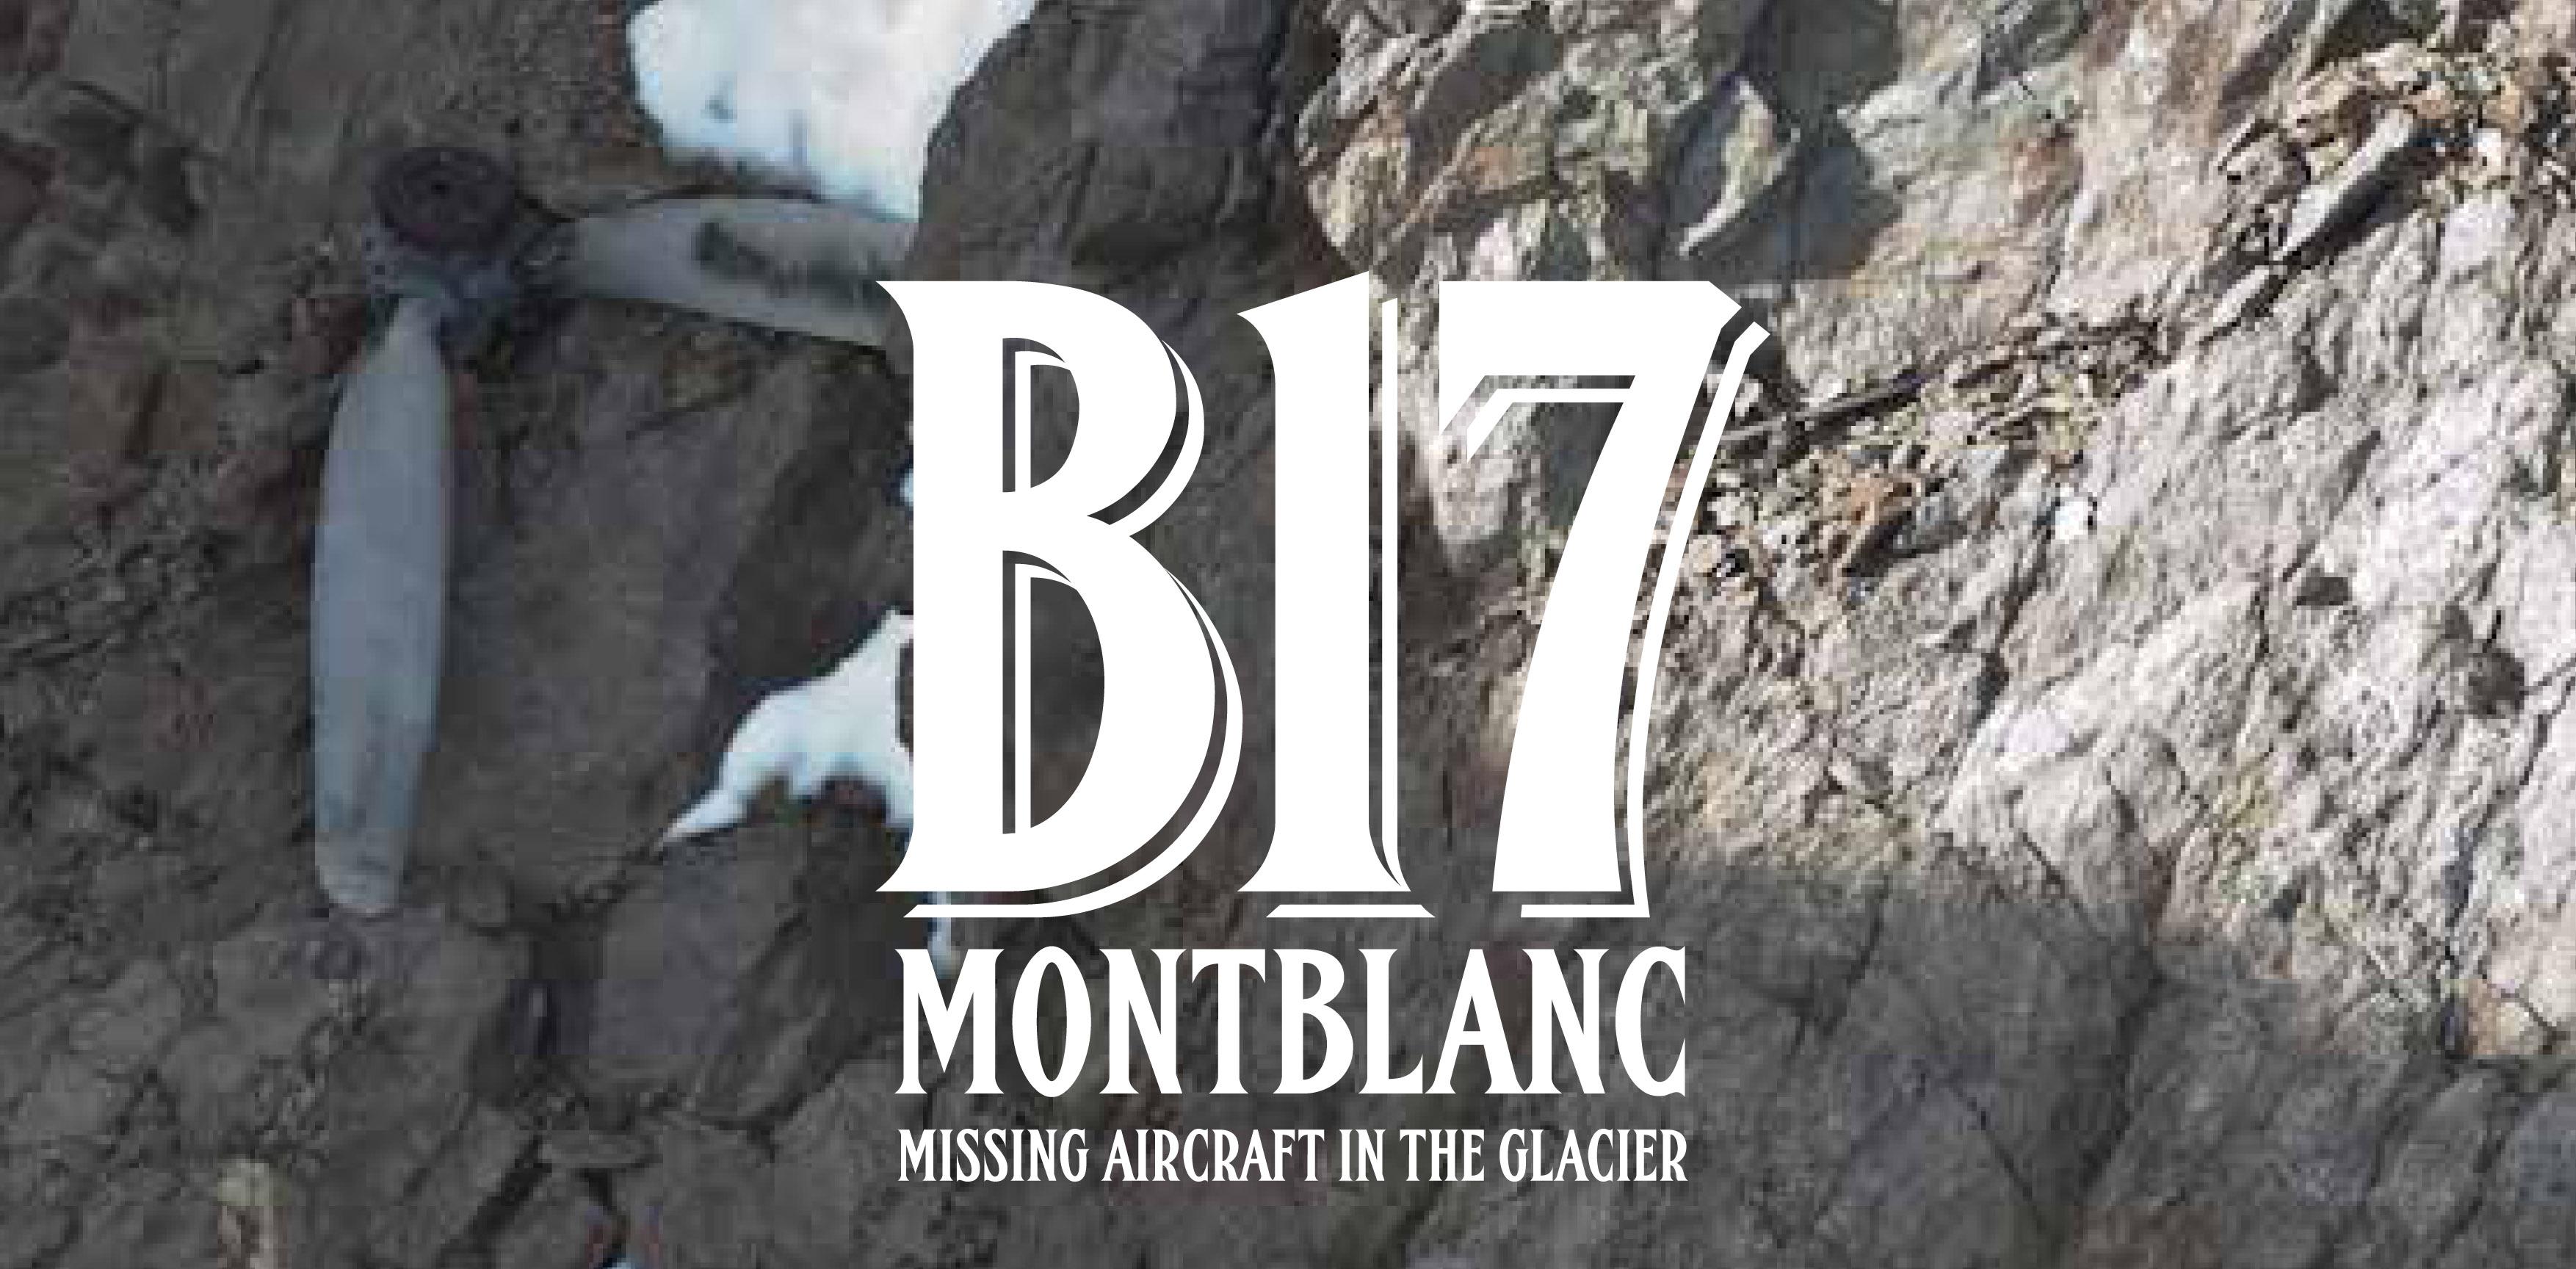 B17 Mont Blanc: un documentario dedicato all'aereo USA precipitato sull'Aiguille des Glaciers